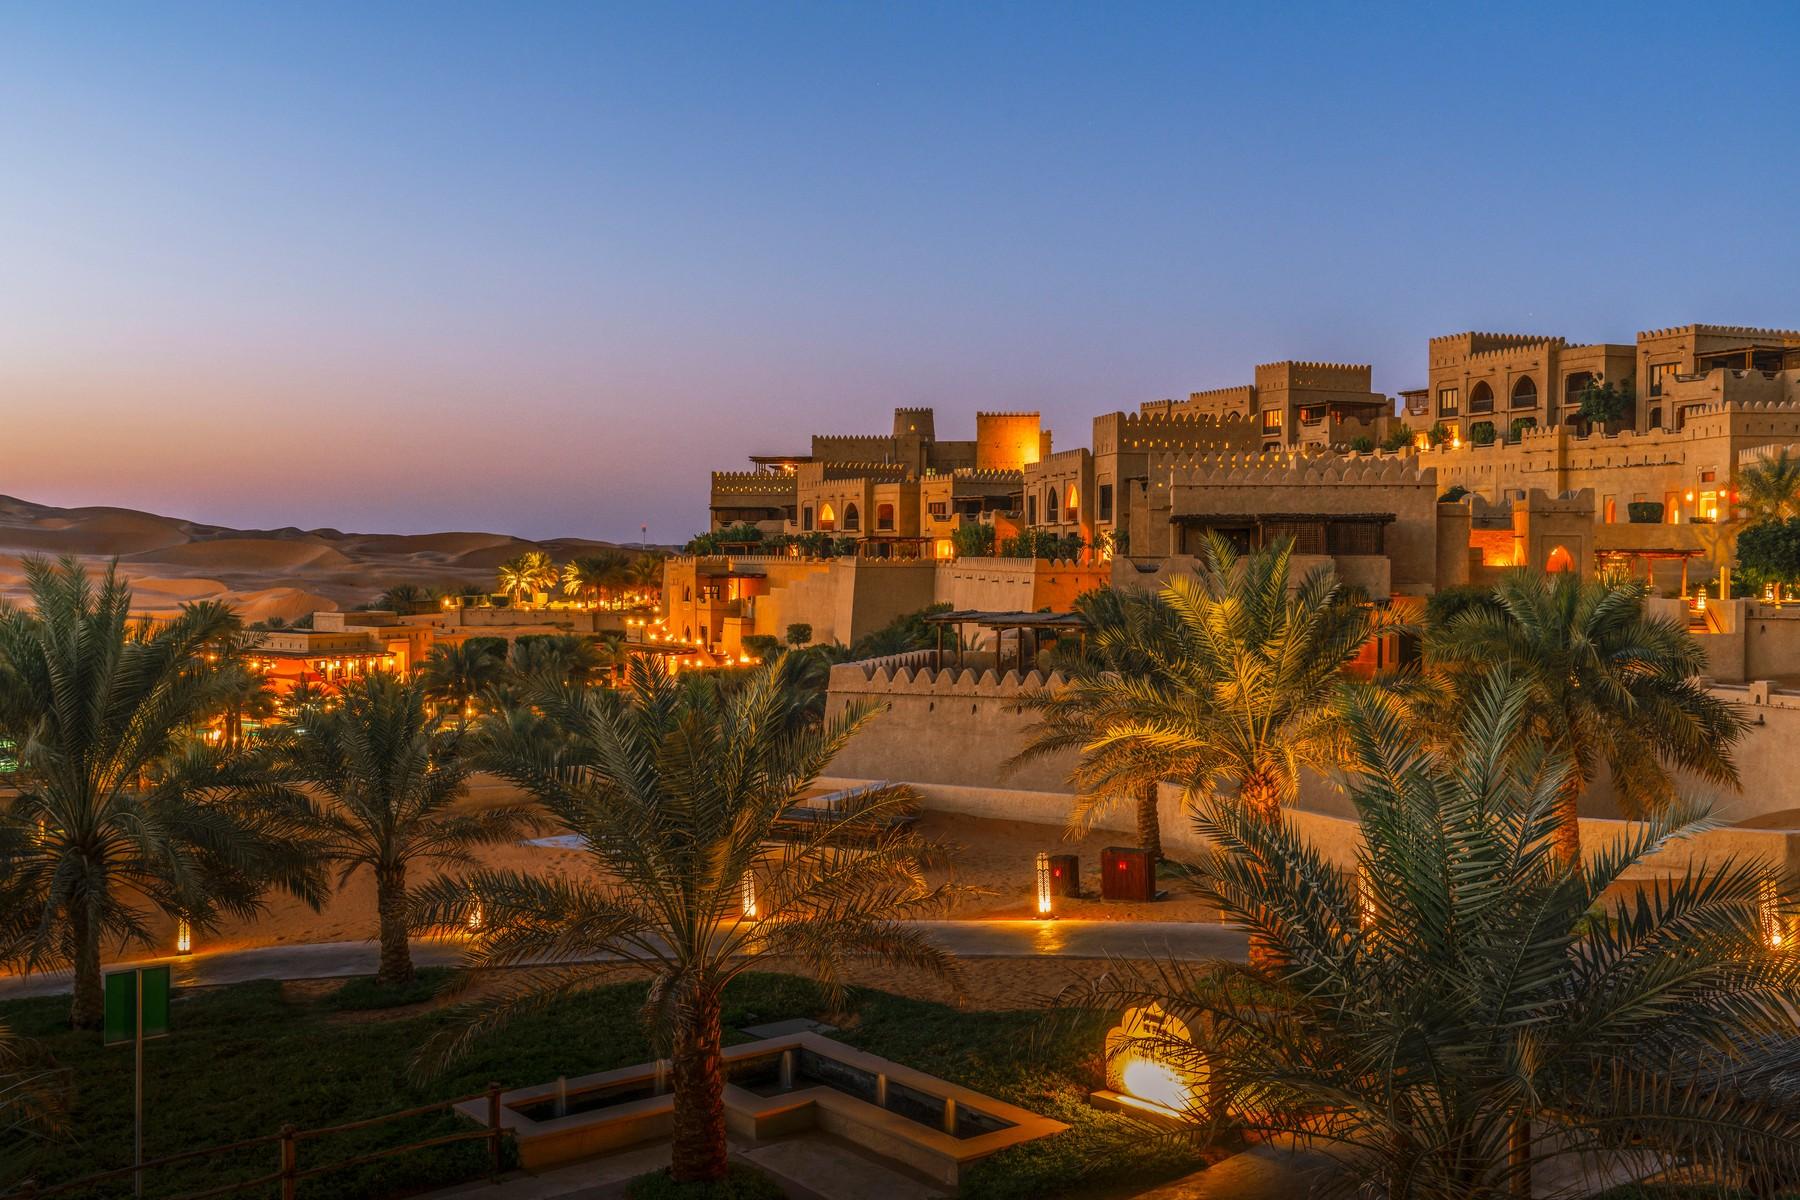 Qasr Al Sarab hotel